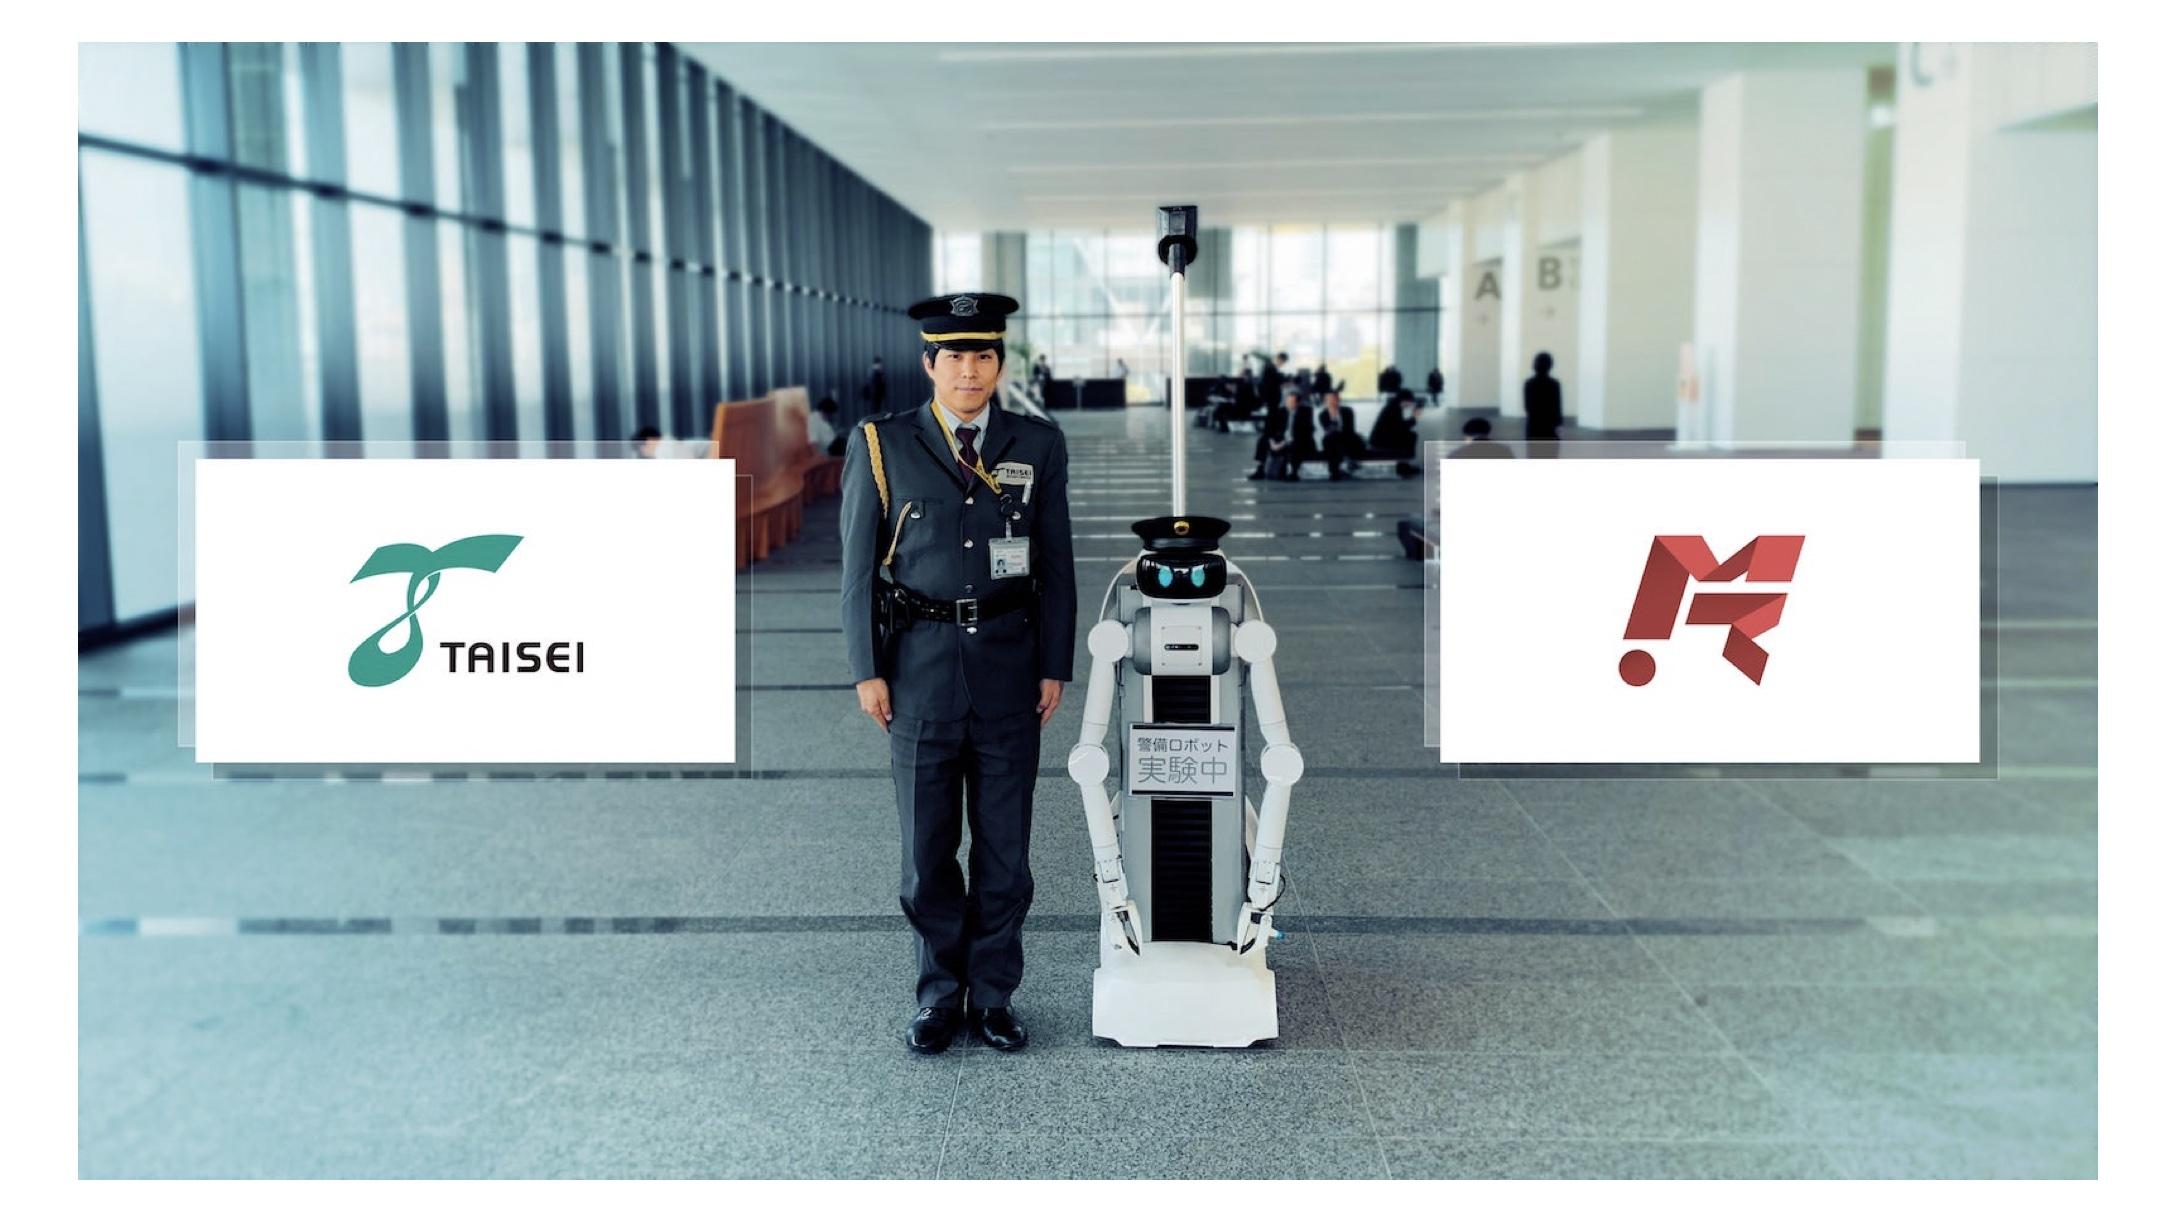 大成×Mira Robotics | アバターロボットを活用した警備ソリューション開発に向けて資本業務提携